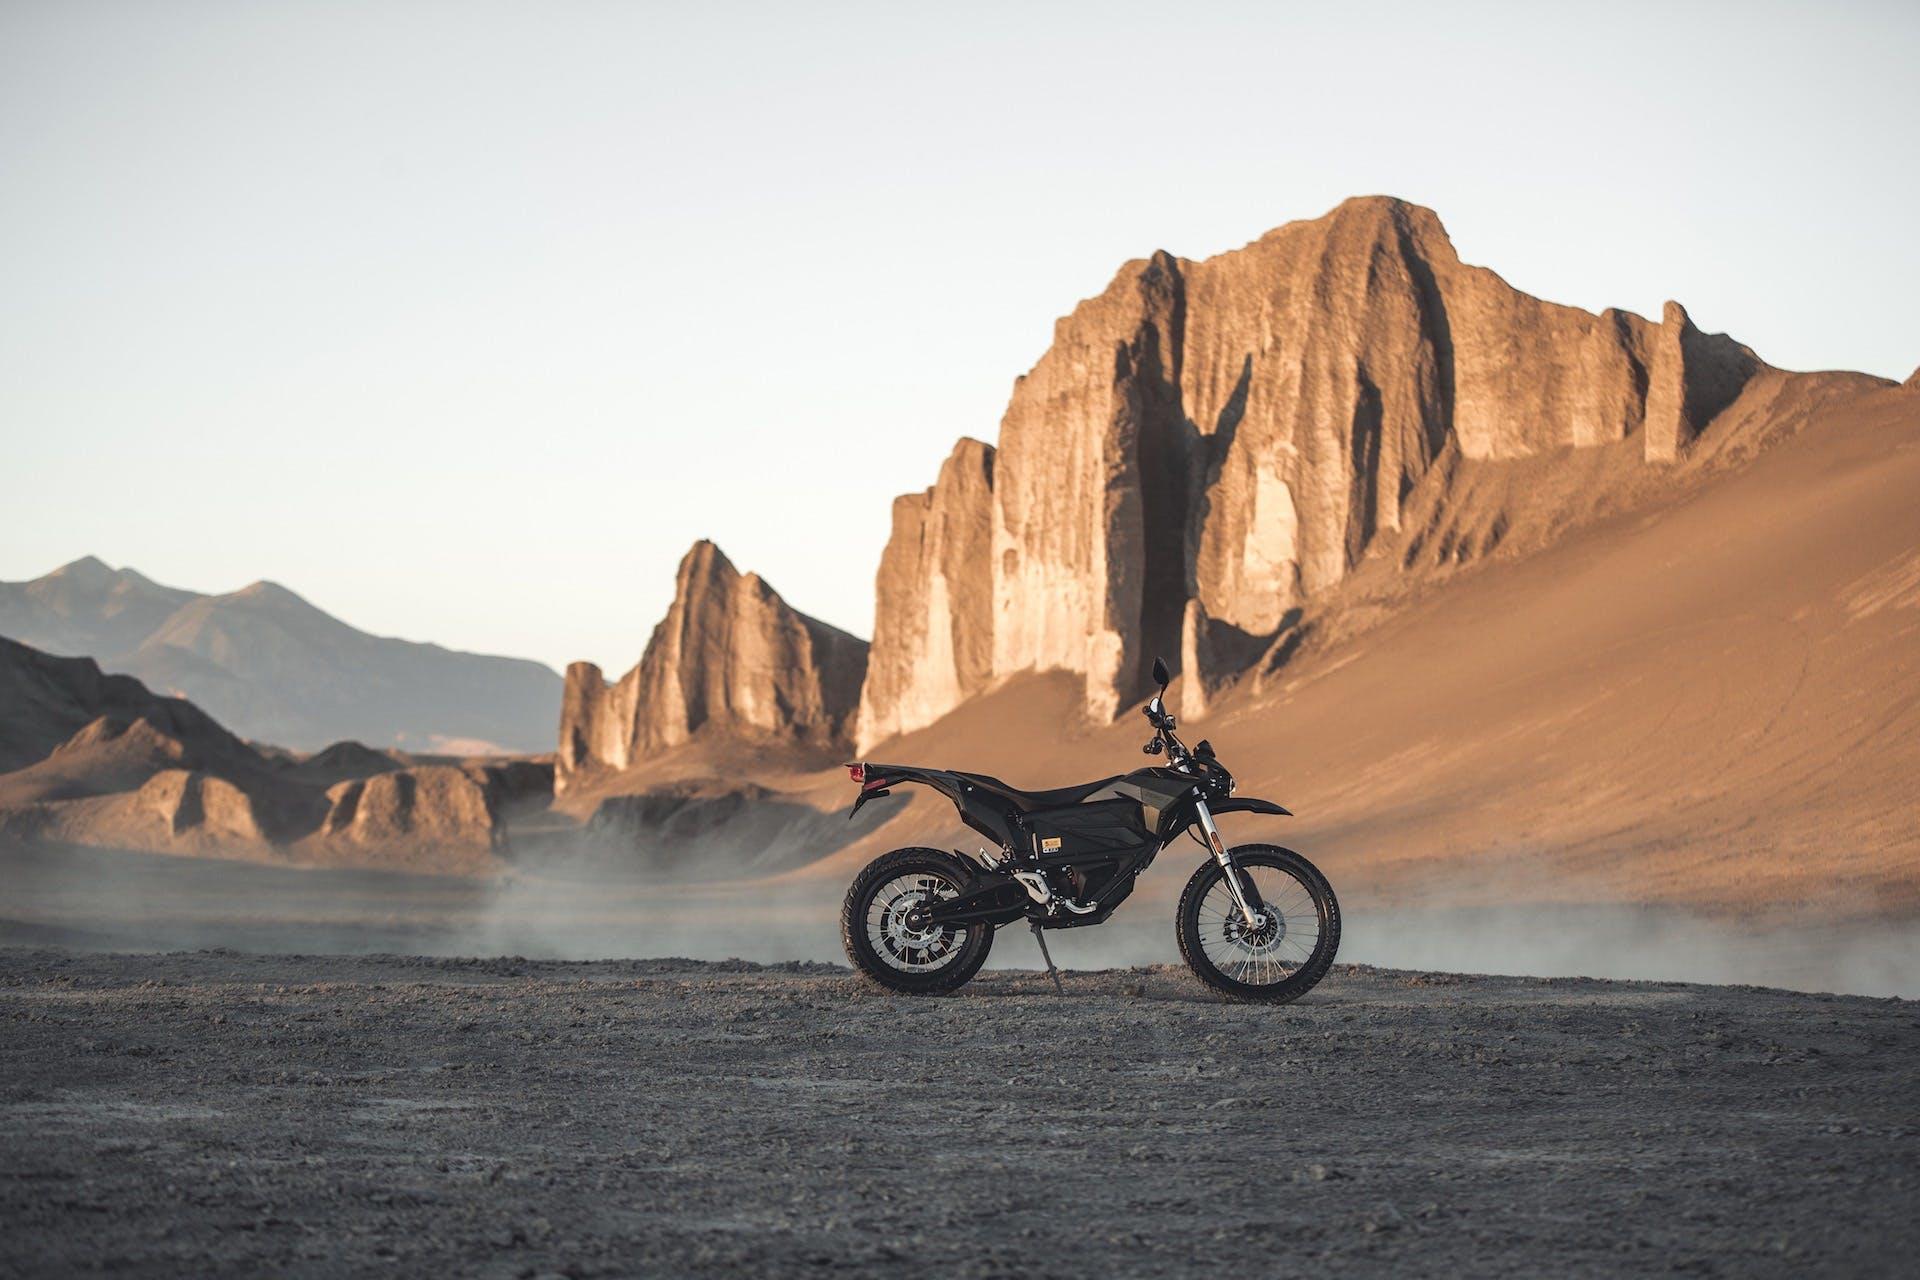 Moto elettrica Zero Motorcylces FX su cavalletto. Deserto roccioso sullo sfondo